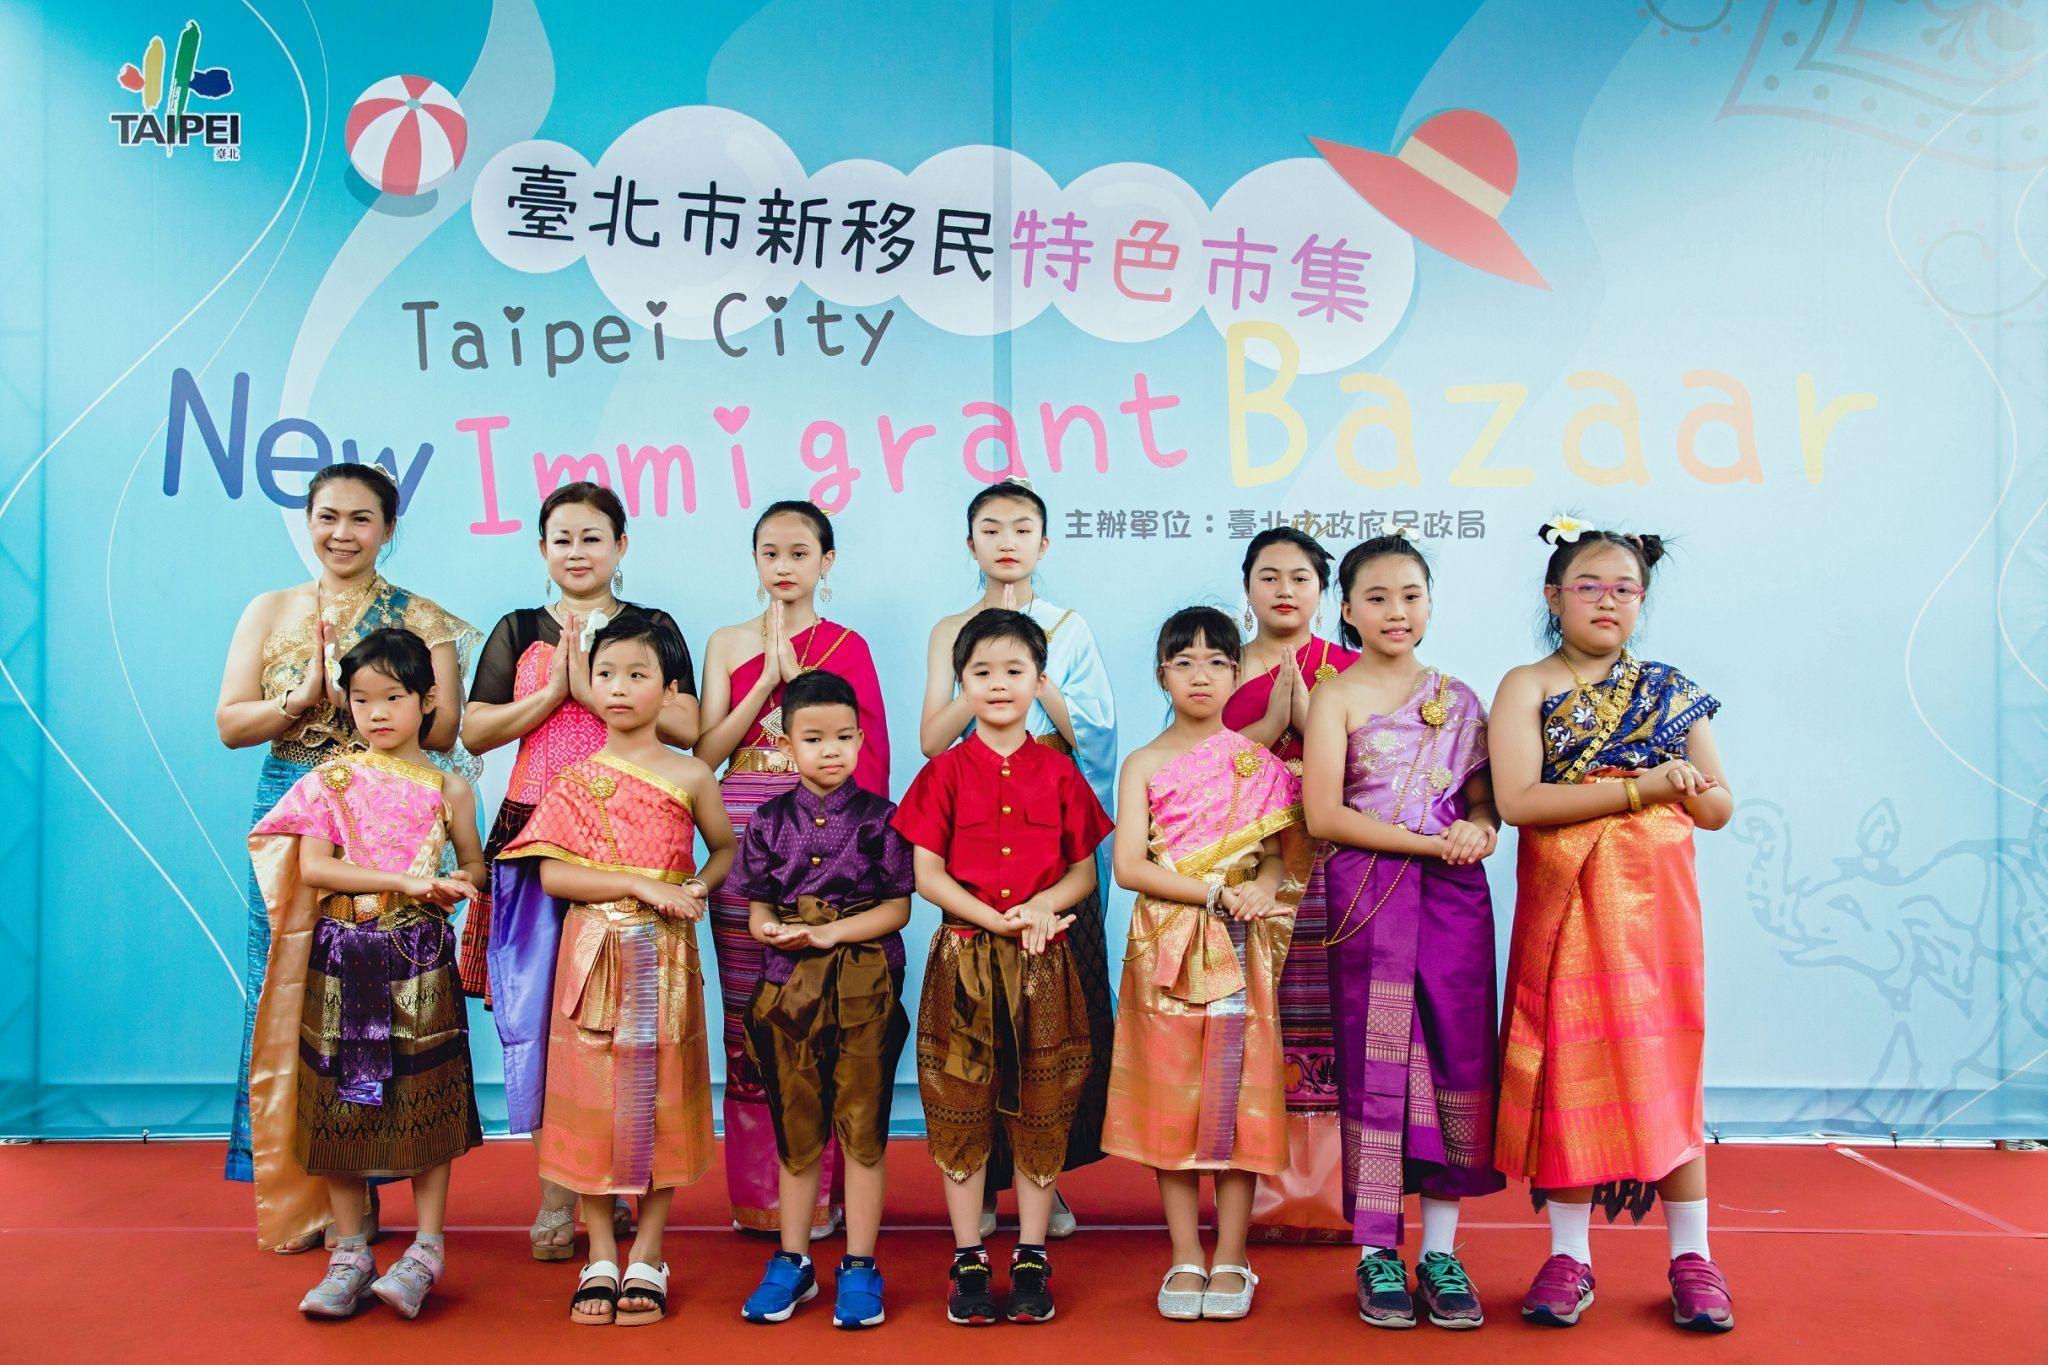 7-Perwakilan dari anak imigran baru Thailand diundang ke atas panggung